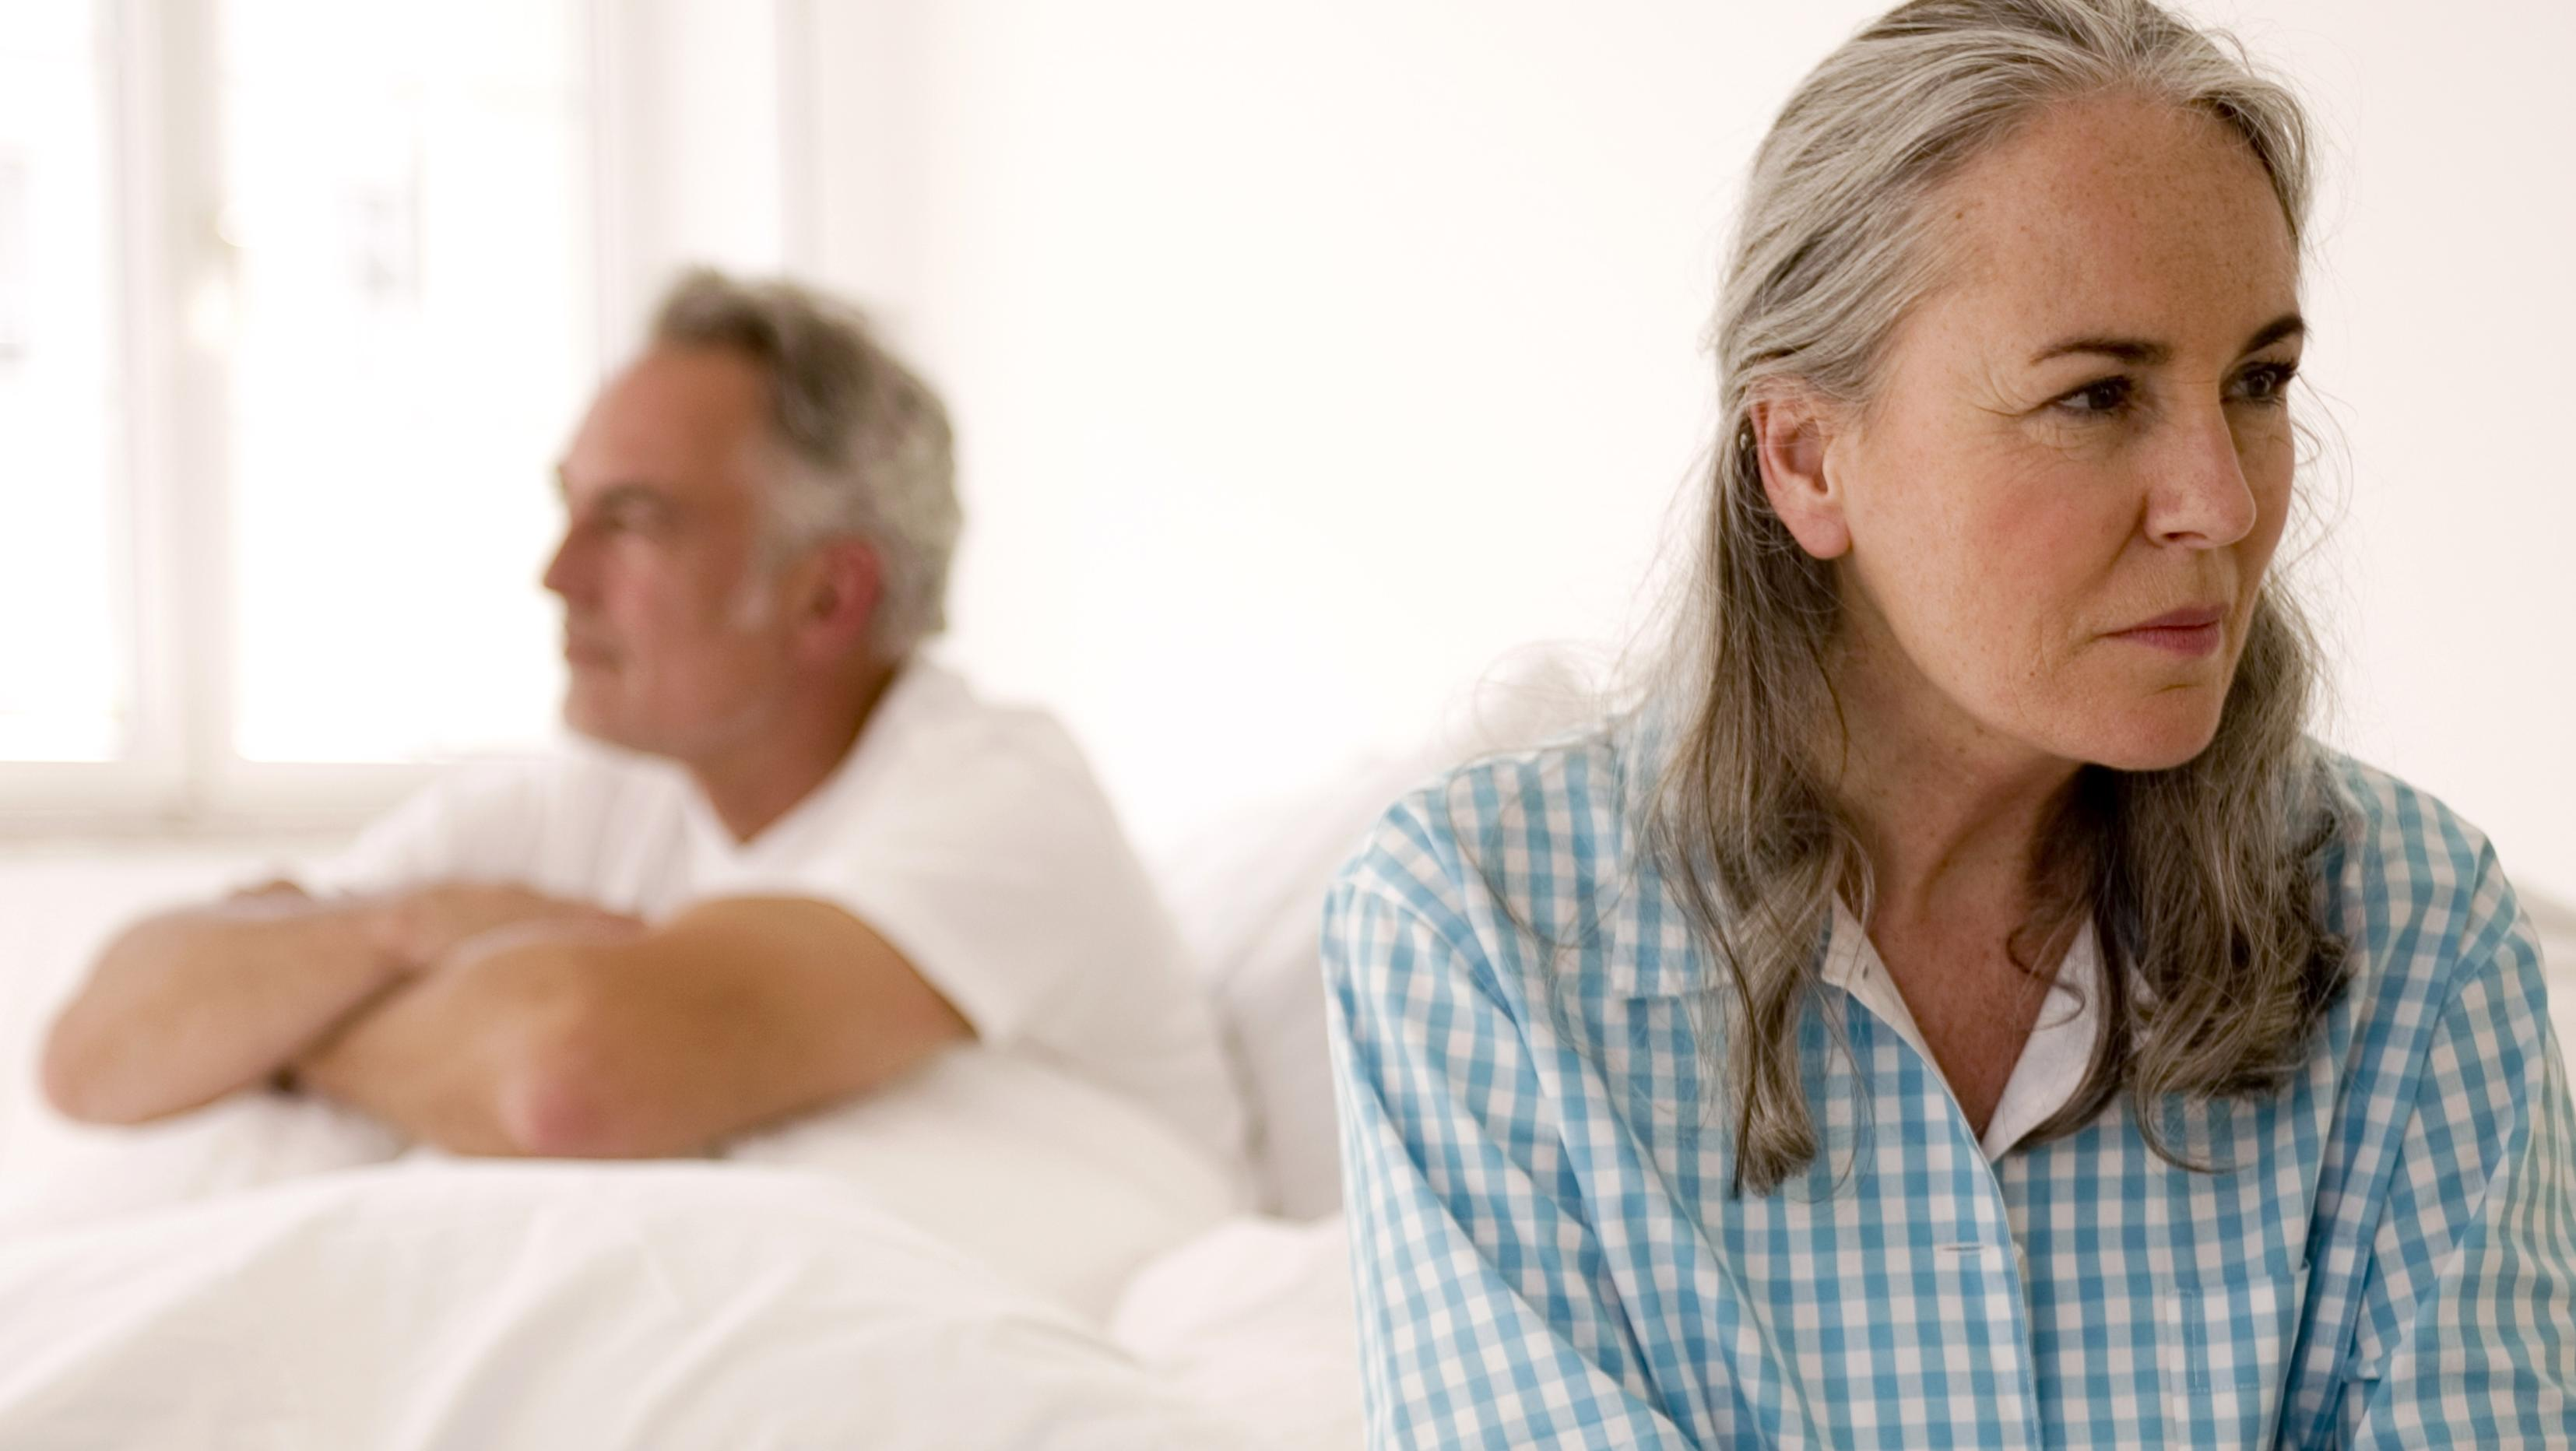 gamle kvinder sex sex esbjerg